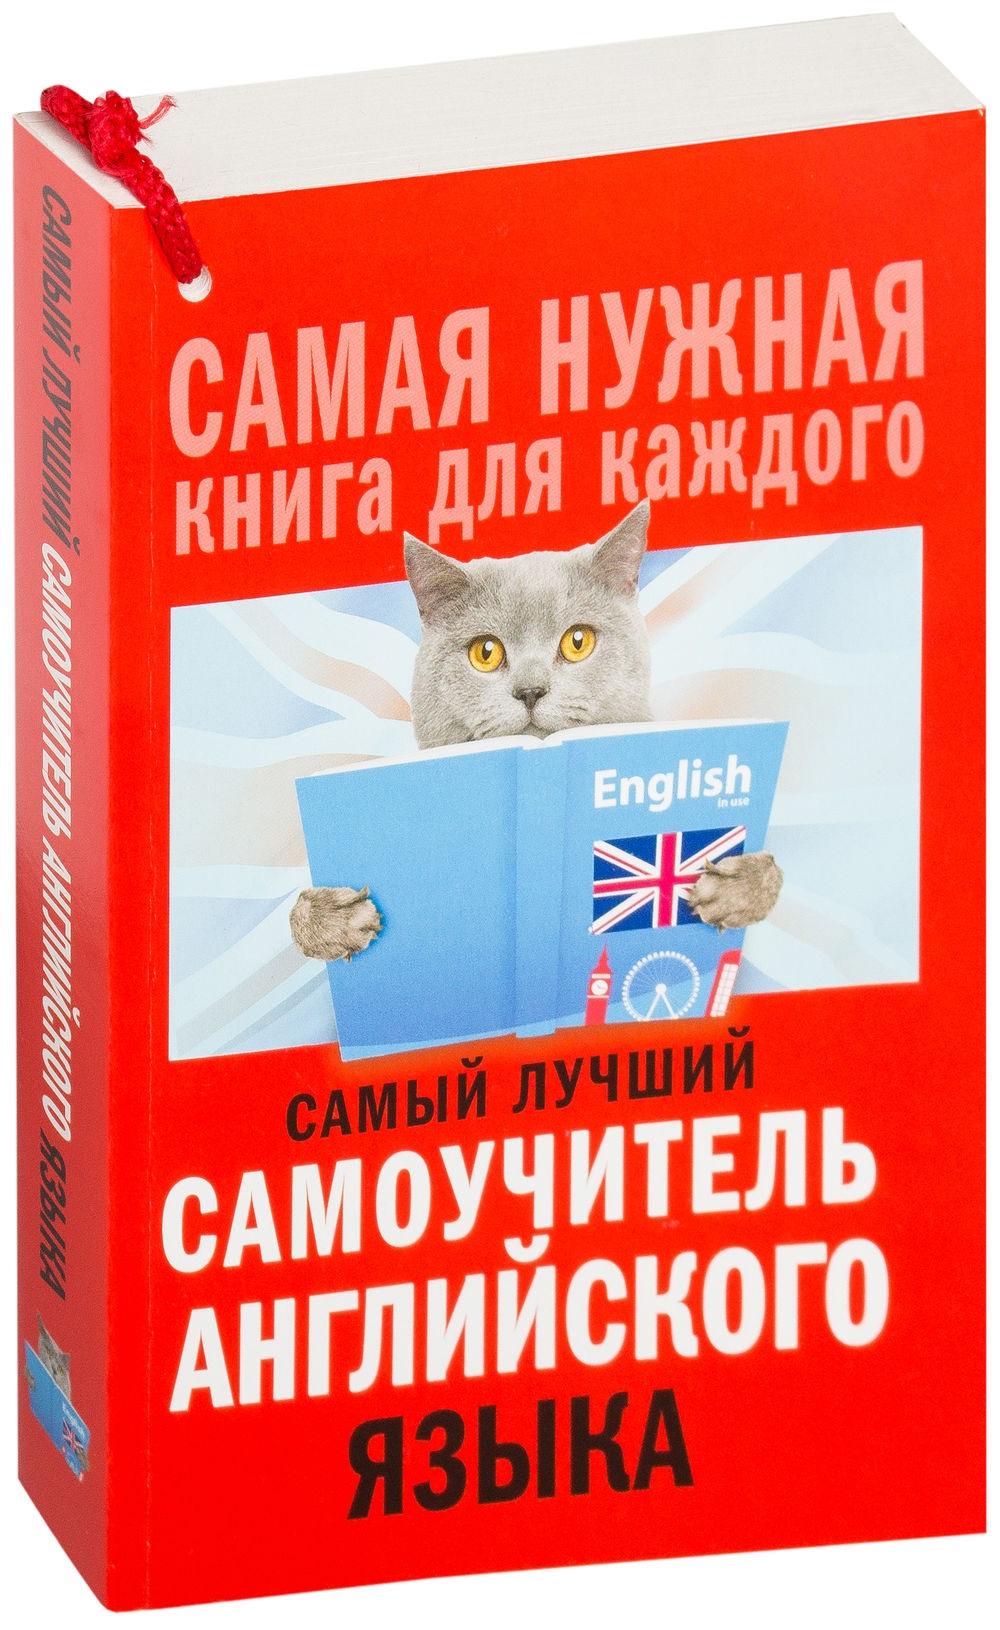 Купить Самый лучший самоучитель английского языка, Сергей Матвеев, 978-5-17-104545-6